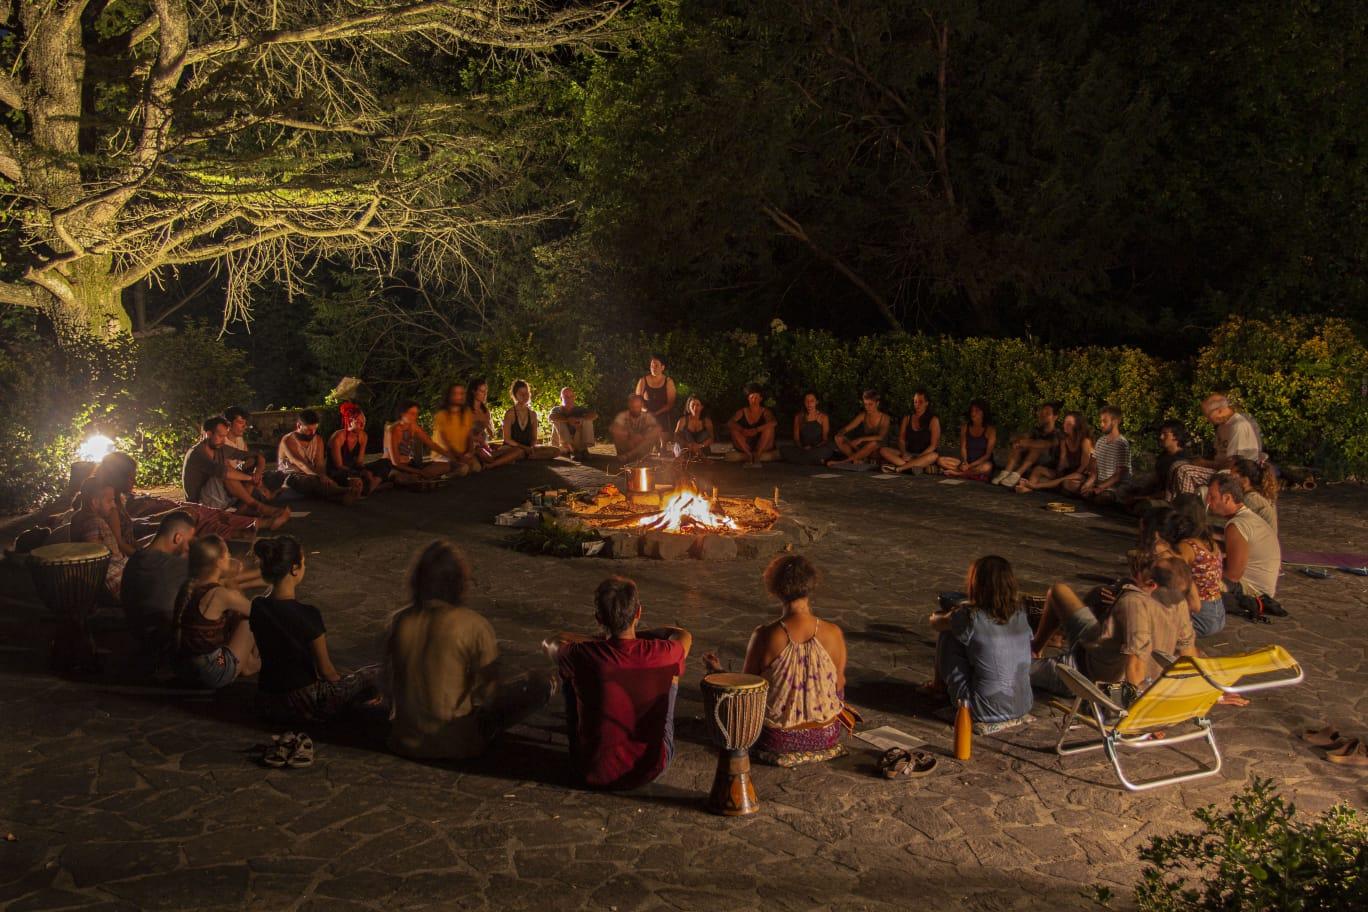 AHO' IL RITORNO ALLA TRIBÙ: esperienza in ecovillaggio Ciricea per riscoprire l'appartenenza all'Umanità.